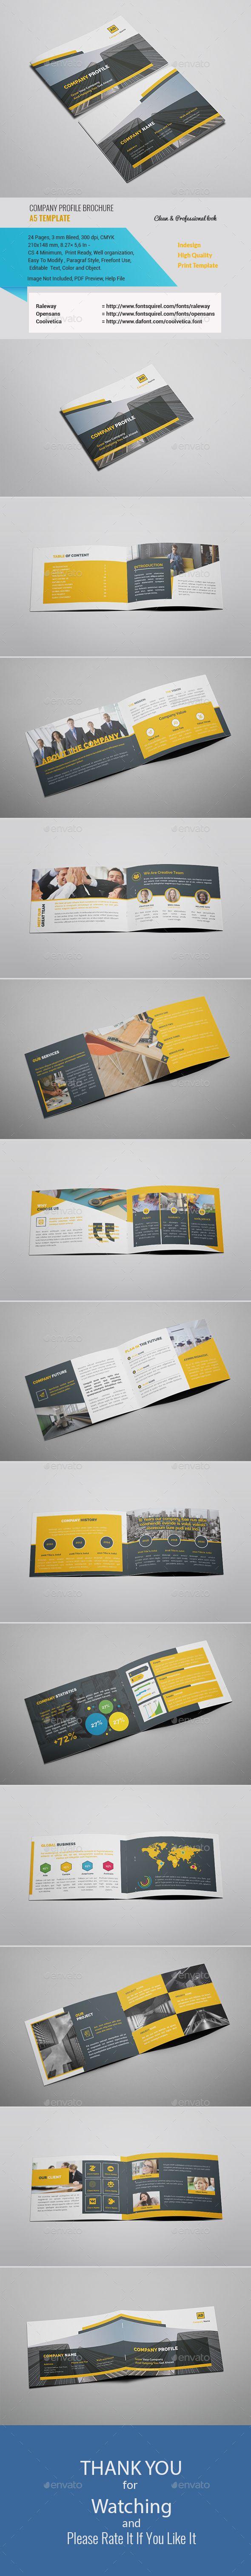 A5 Company Profile Company Profile Company Profile Template Corporate Profile